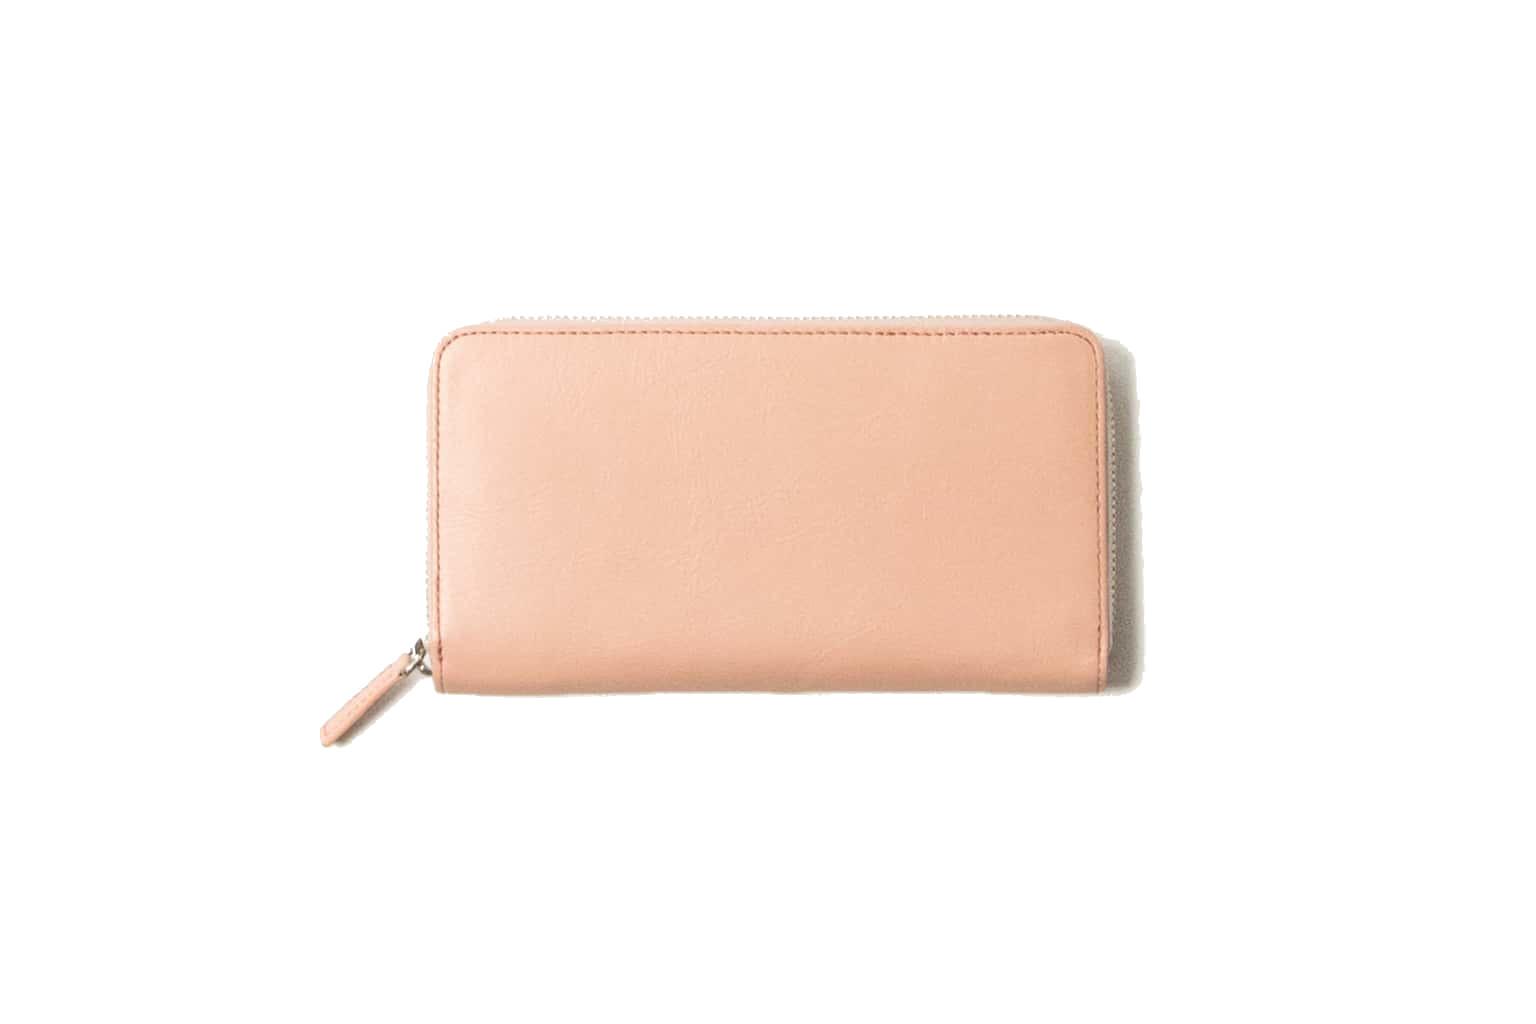 サクラピンク Business Leather Factory(ビジネスレザーファクトリー) 長財布(ラウンドファスナー)